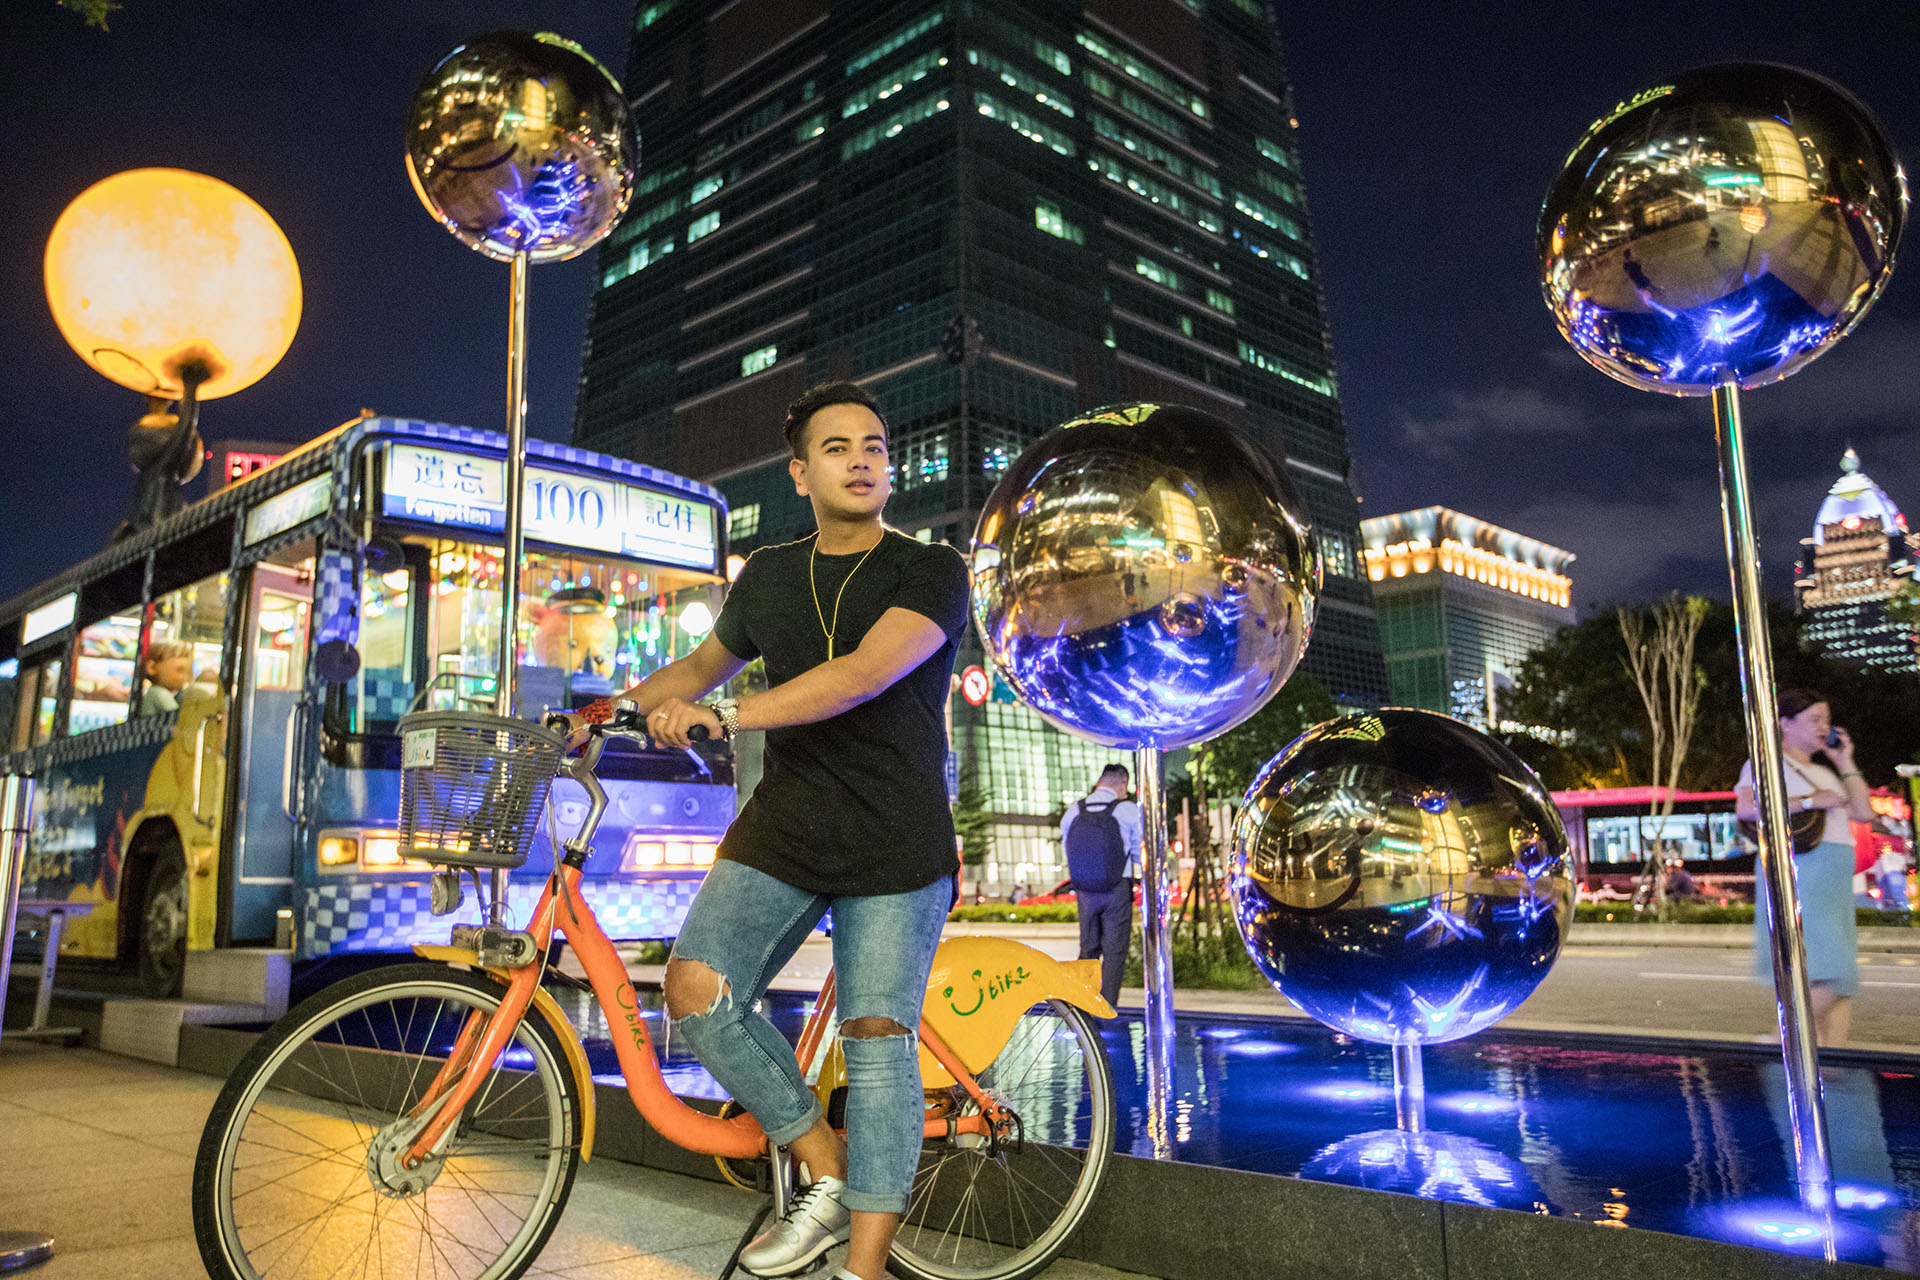 Jonathan Fashion Blogger in Taiwan_Style_TRAVEL BLOGGER CANADA_5